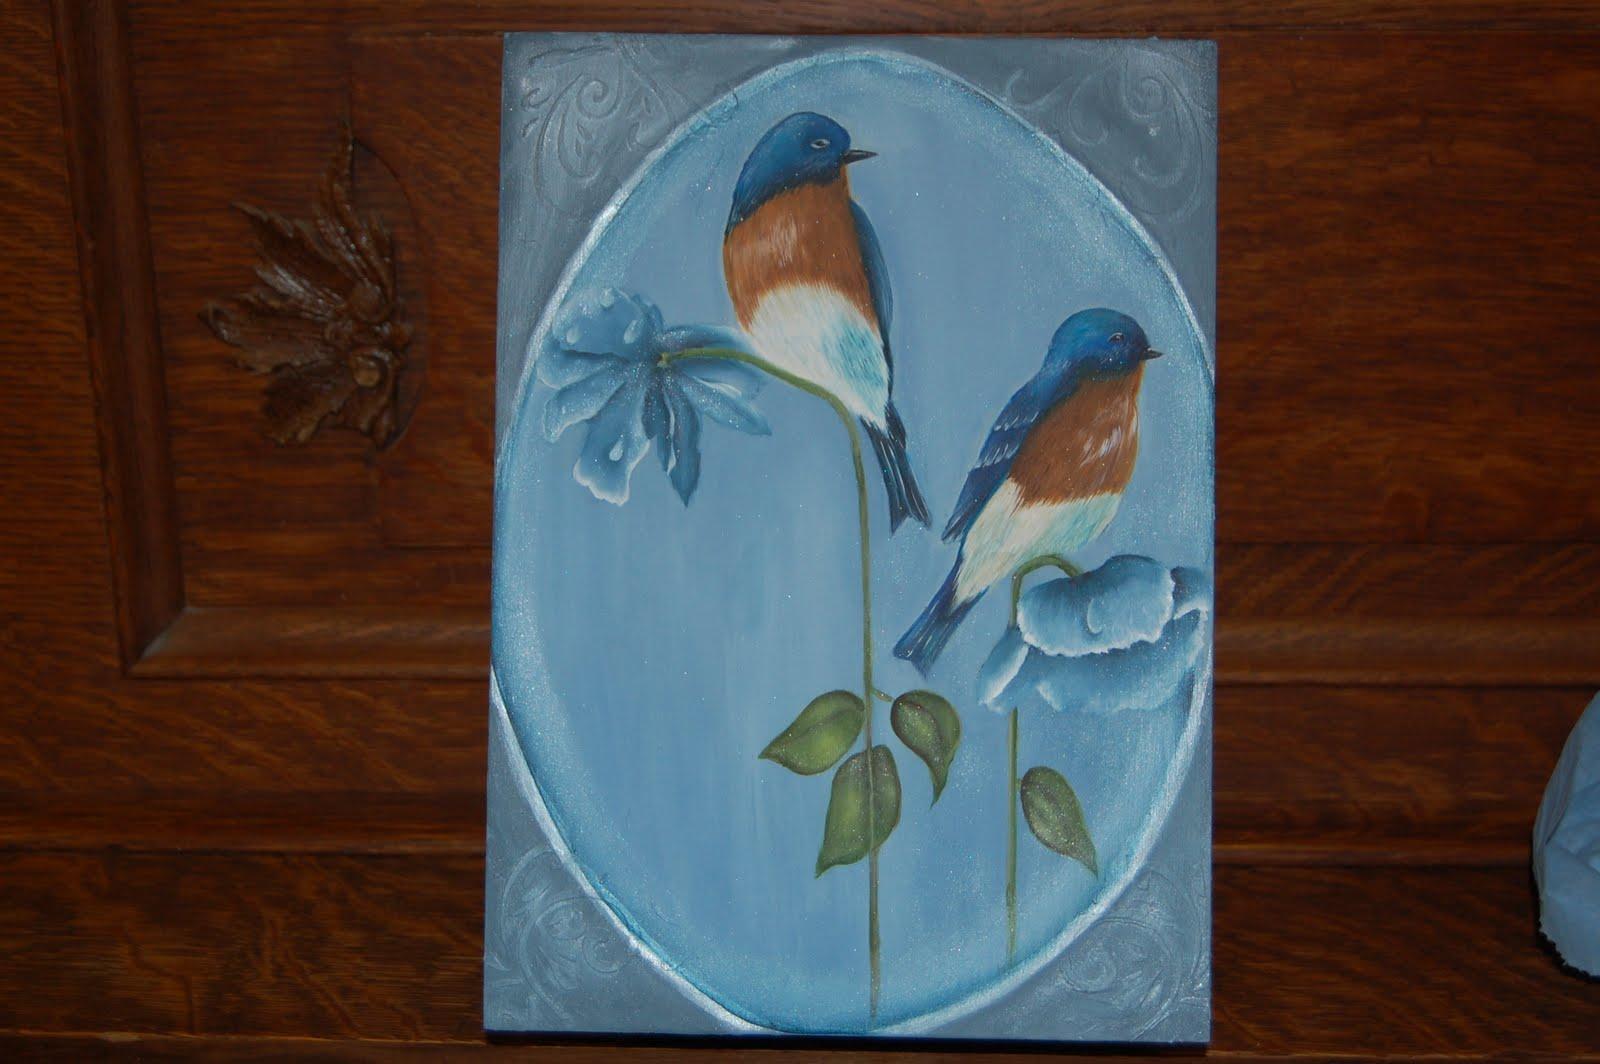 Les bidouilles blog de peinture d corative cours pour centre communautaire - Peinture acrylique sur bois brut ...